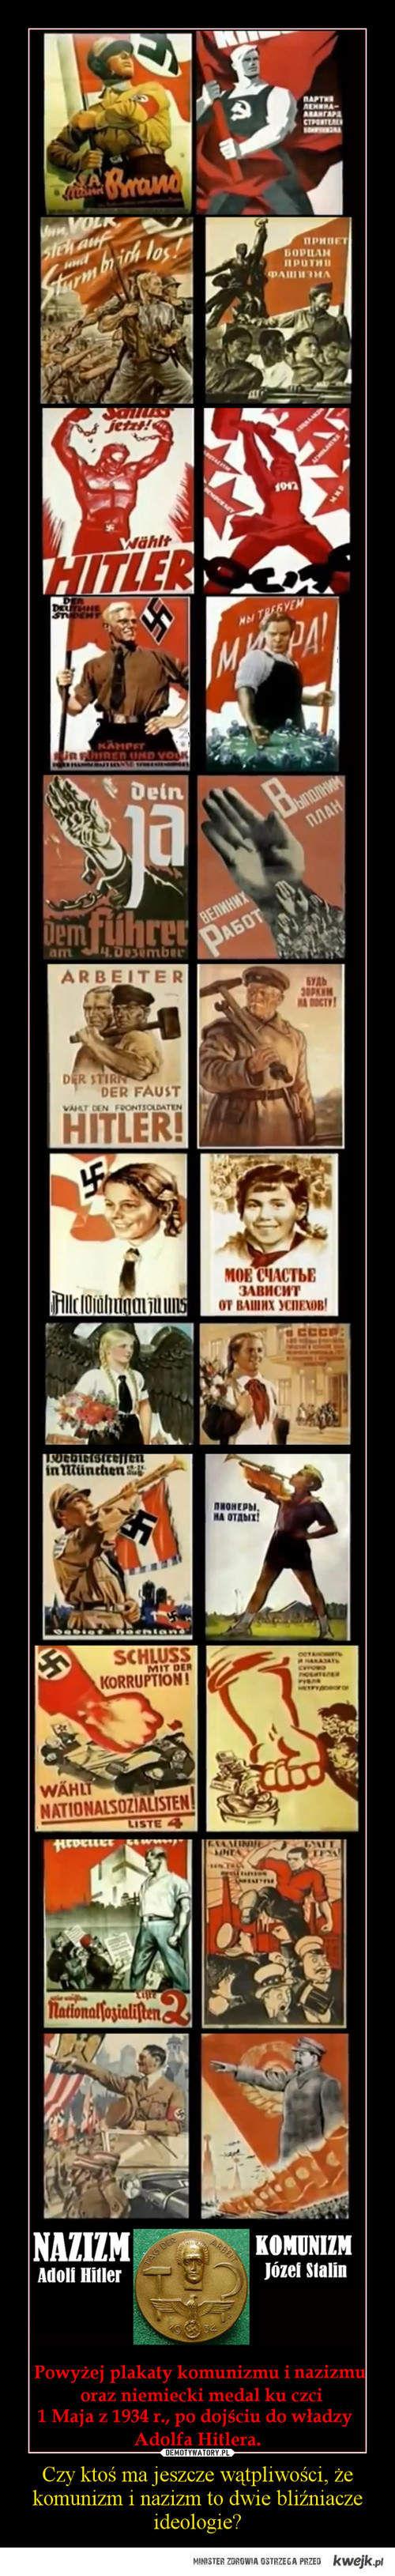 Czy ma ktoś jeszcze wątpliwości, że komunizm i nazizm to dwie bliźniacze ideologie?